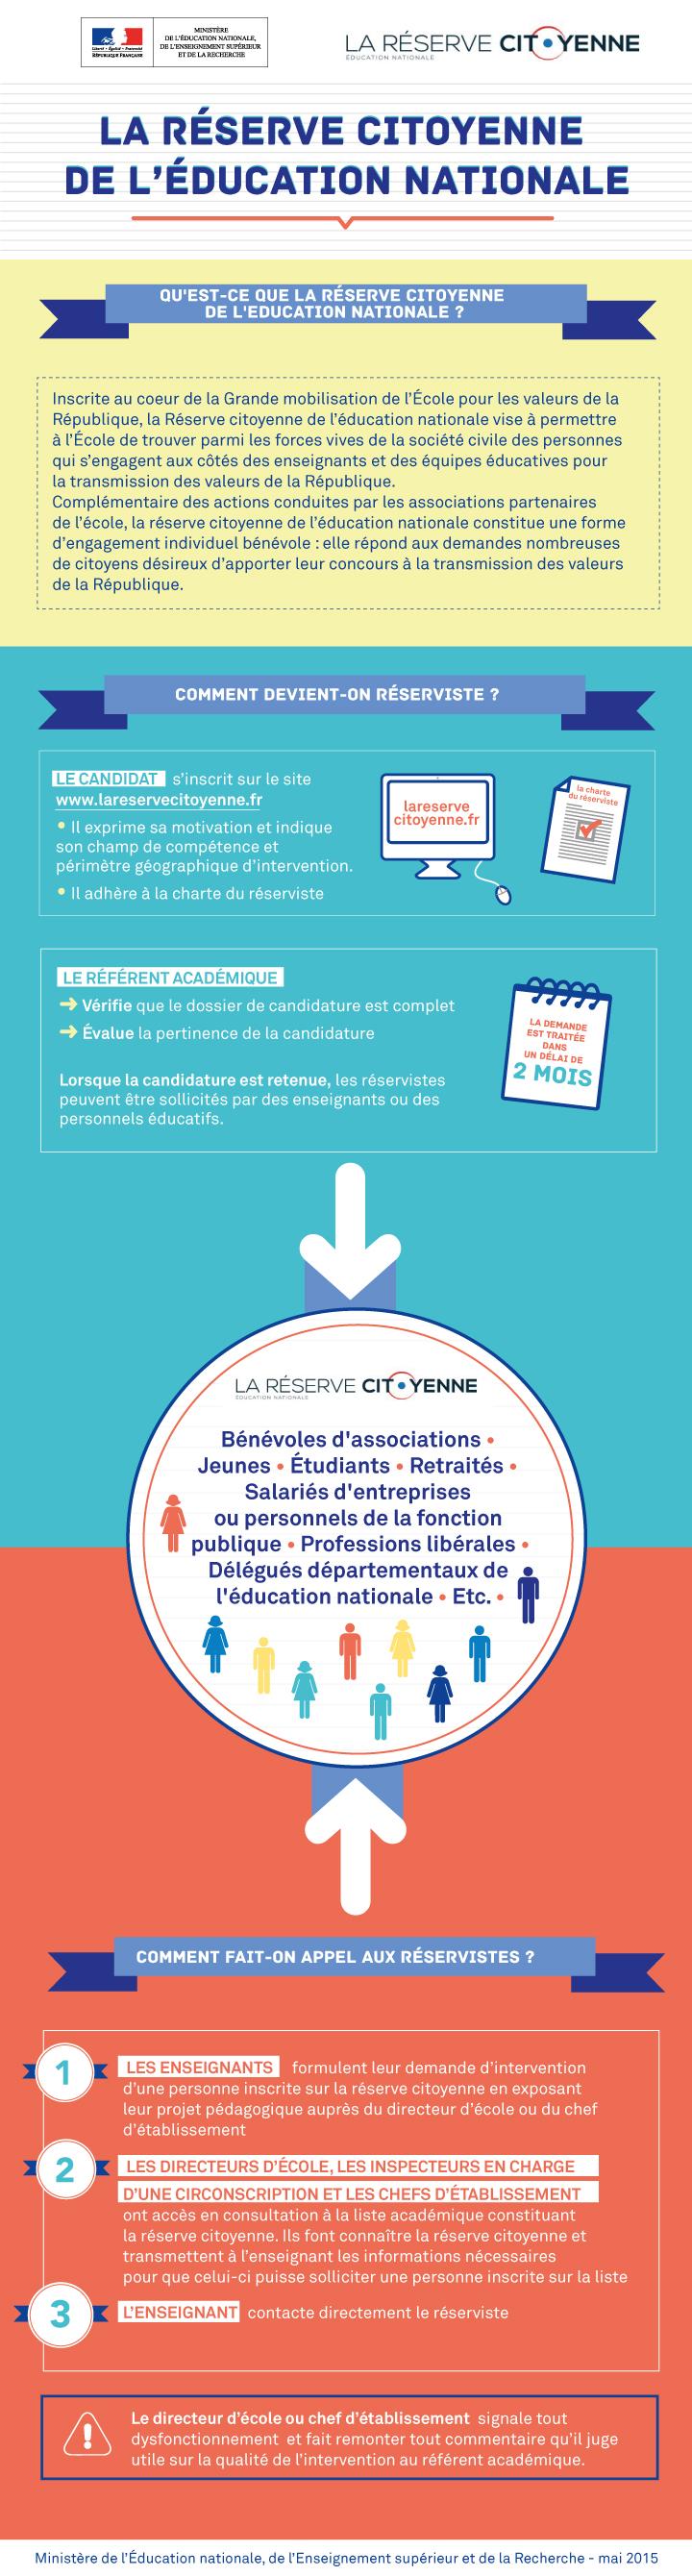 Infographie réserve citoyenne